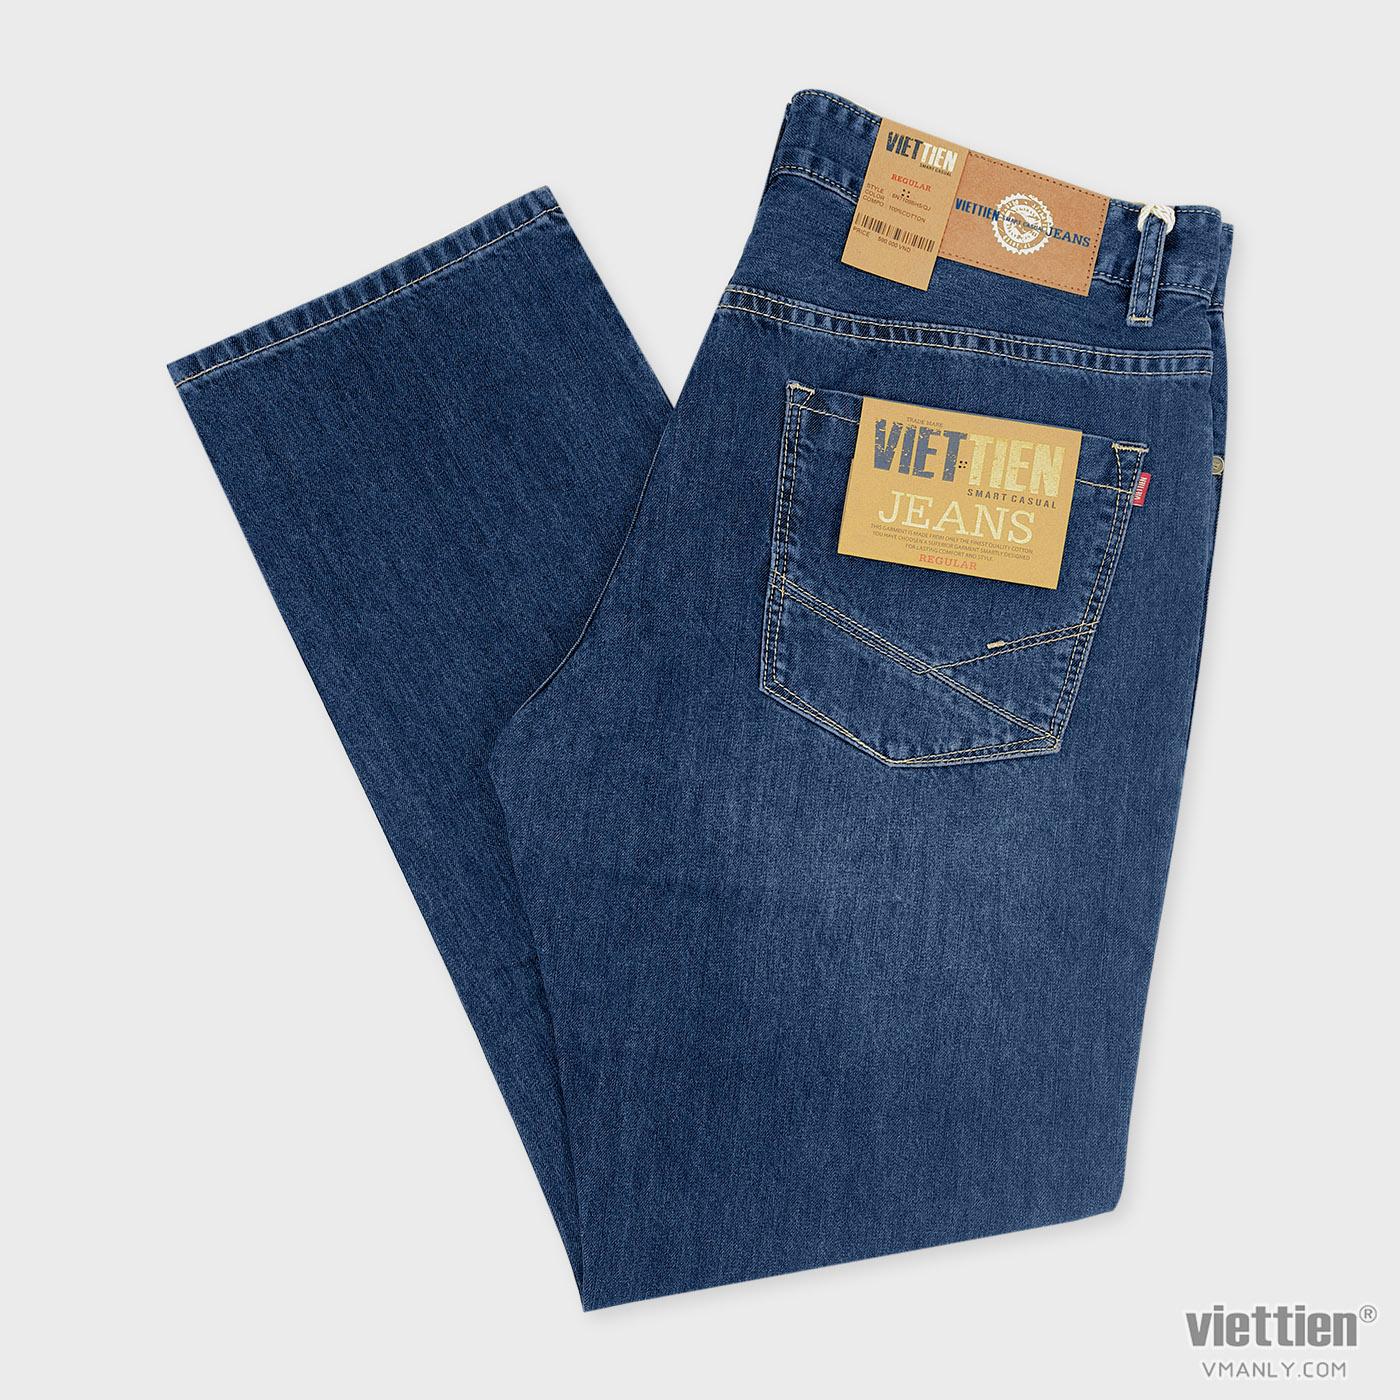 Quần Jeans nam Việt Tiến regular, 100% cotton màu xanh jeans 6N7109BH5/QJ